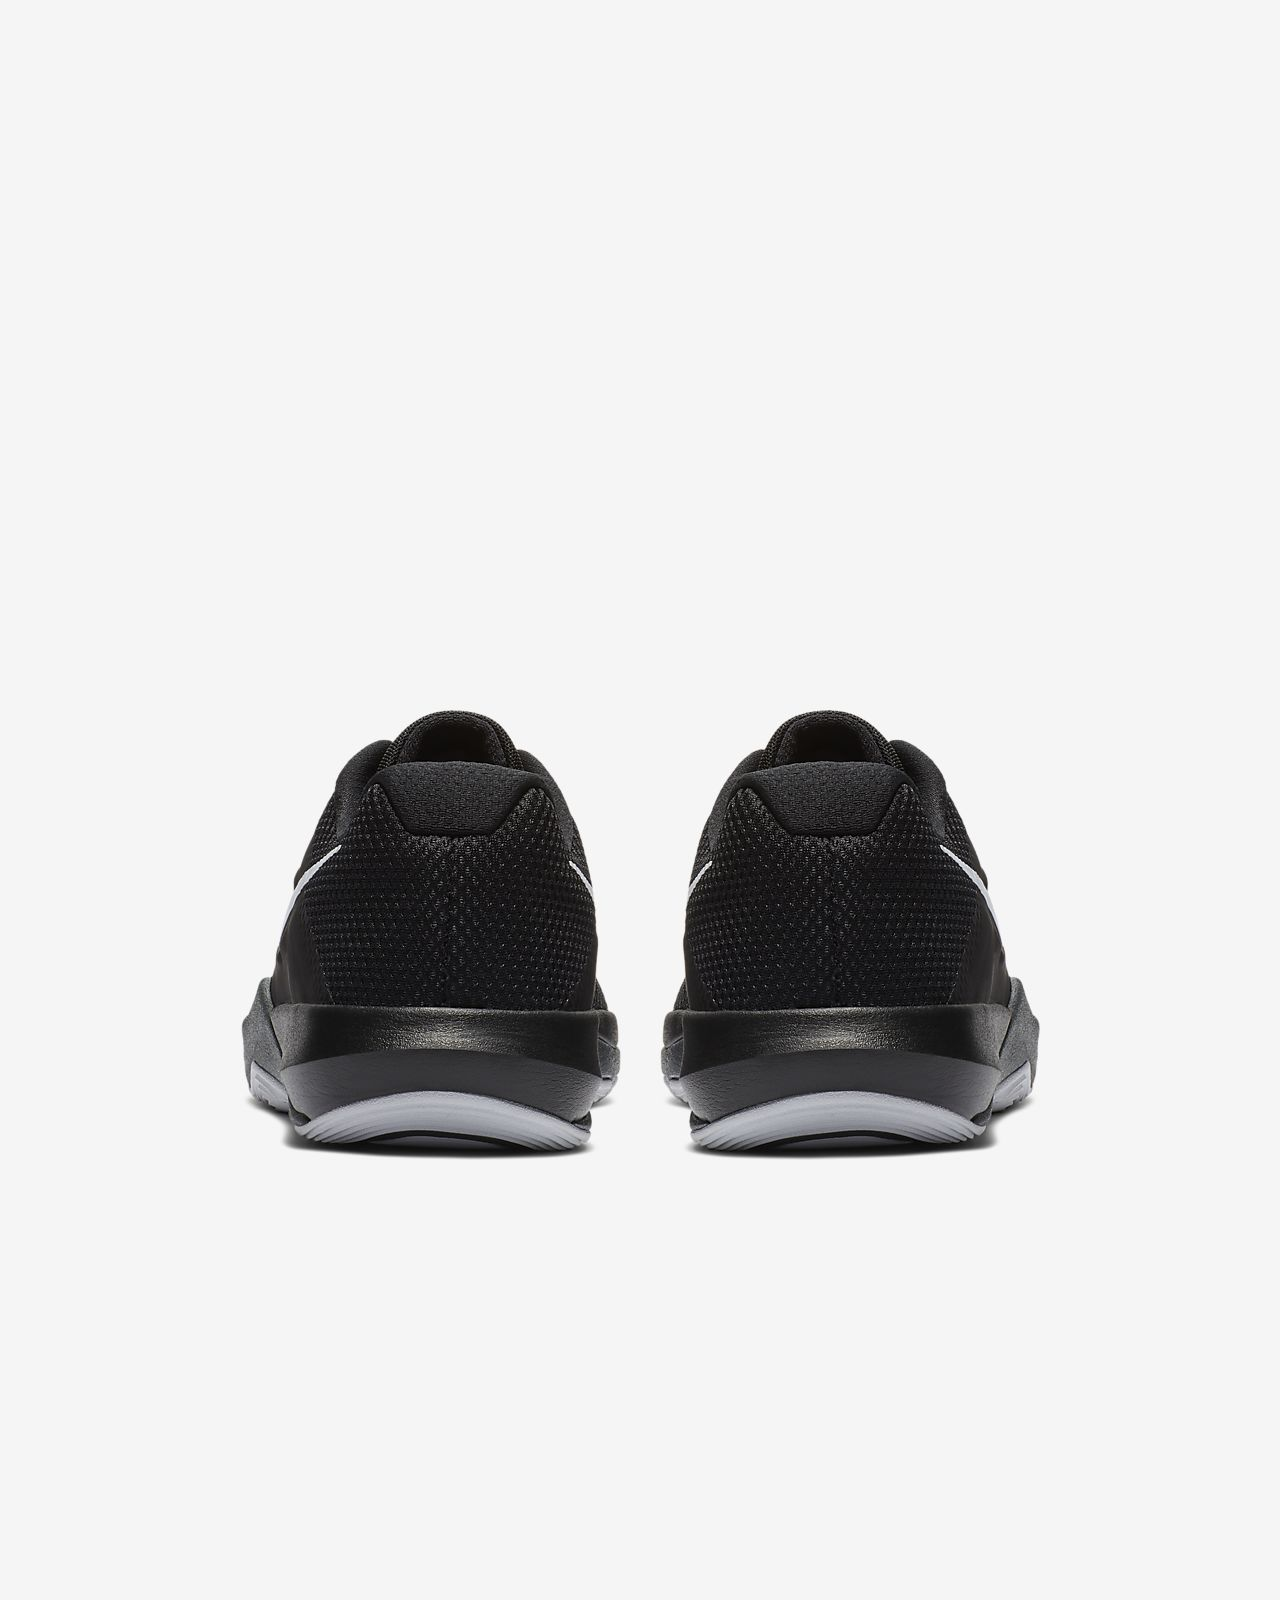 ... Nike Lunar Prime Iron II Men's Training Shoe